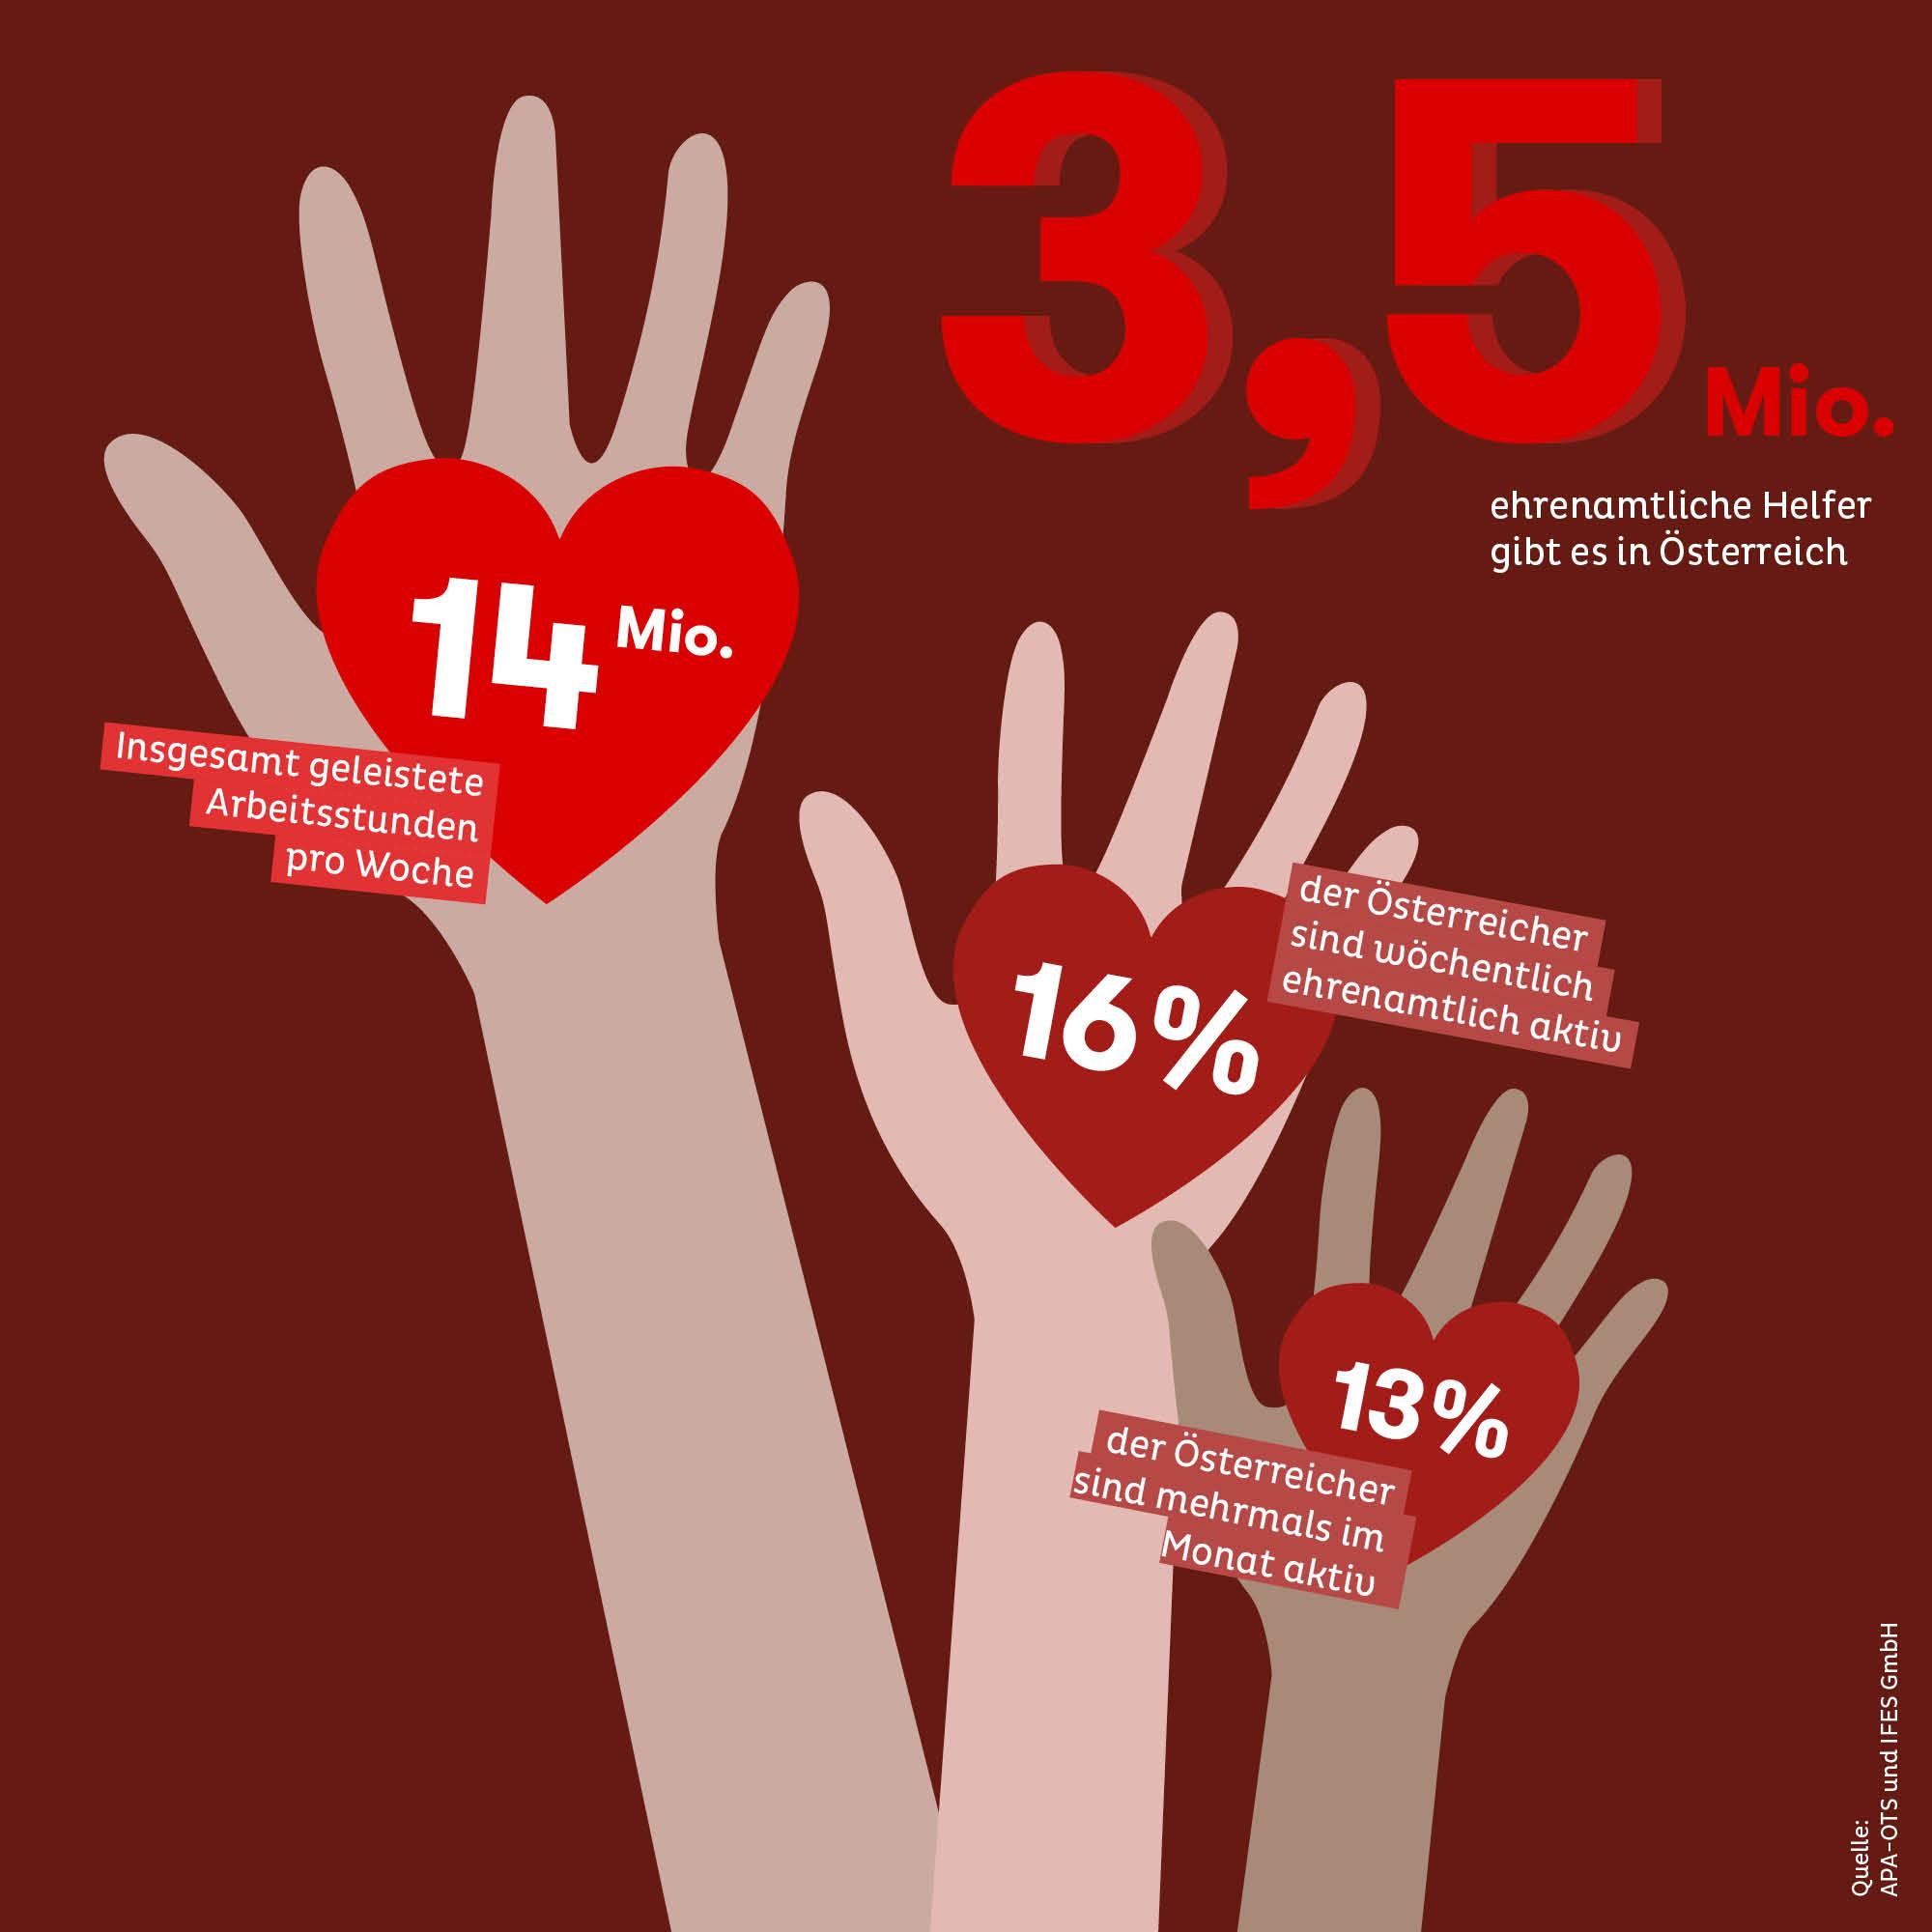 Knapp die Hälfte aller über 15 Jahre alten Österreicher arbeitet ehrenamtlich.